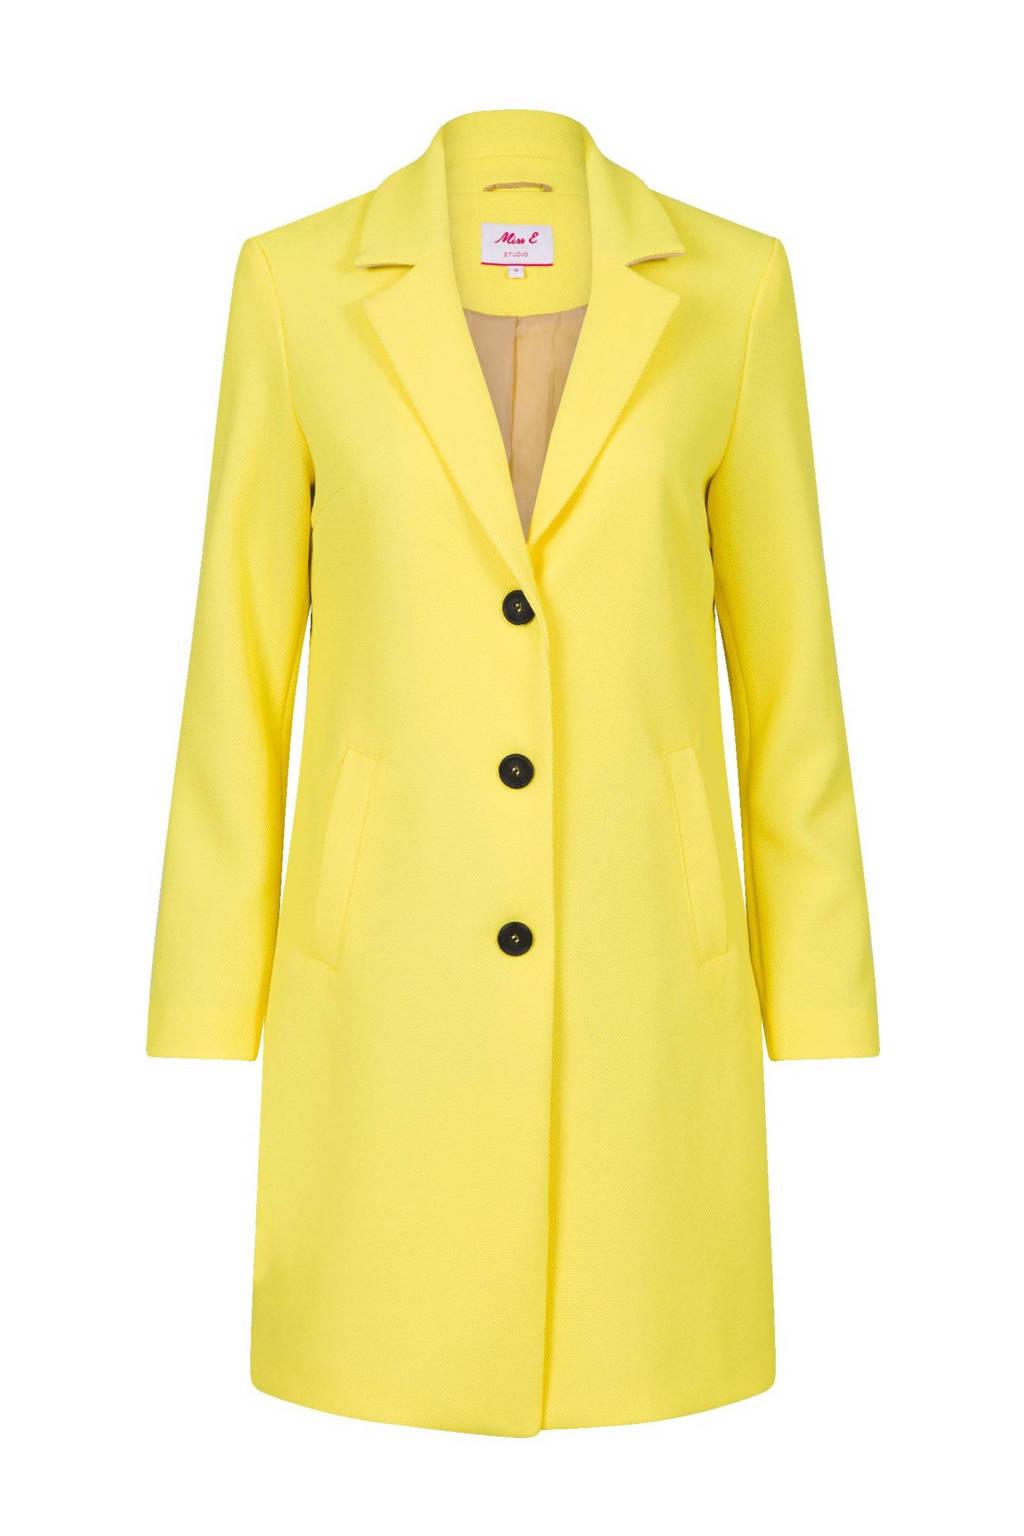 Miss Etam Regulier coat geel, Geel